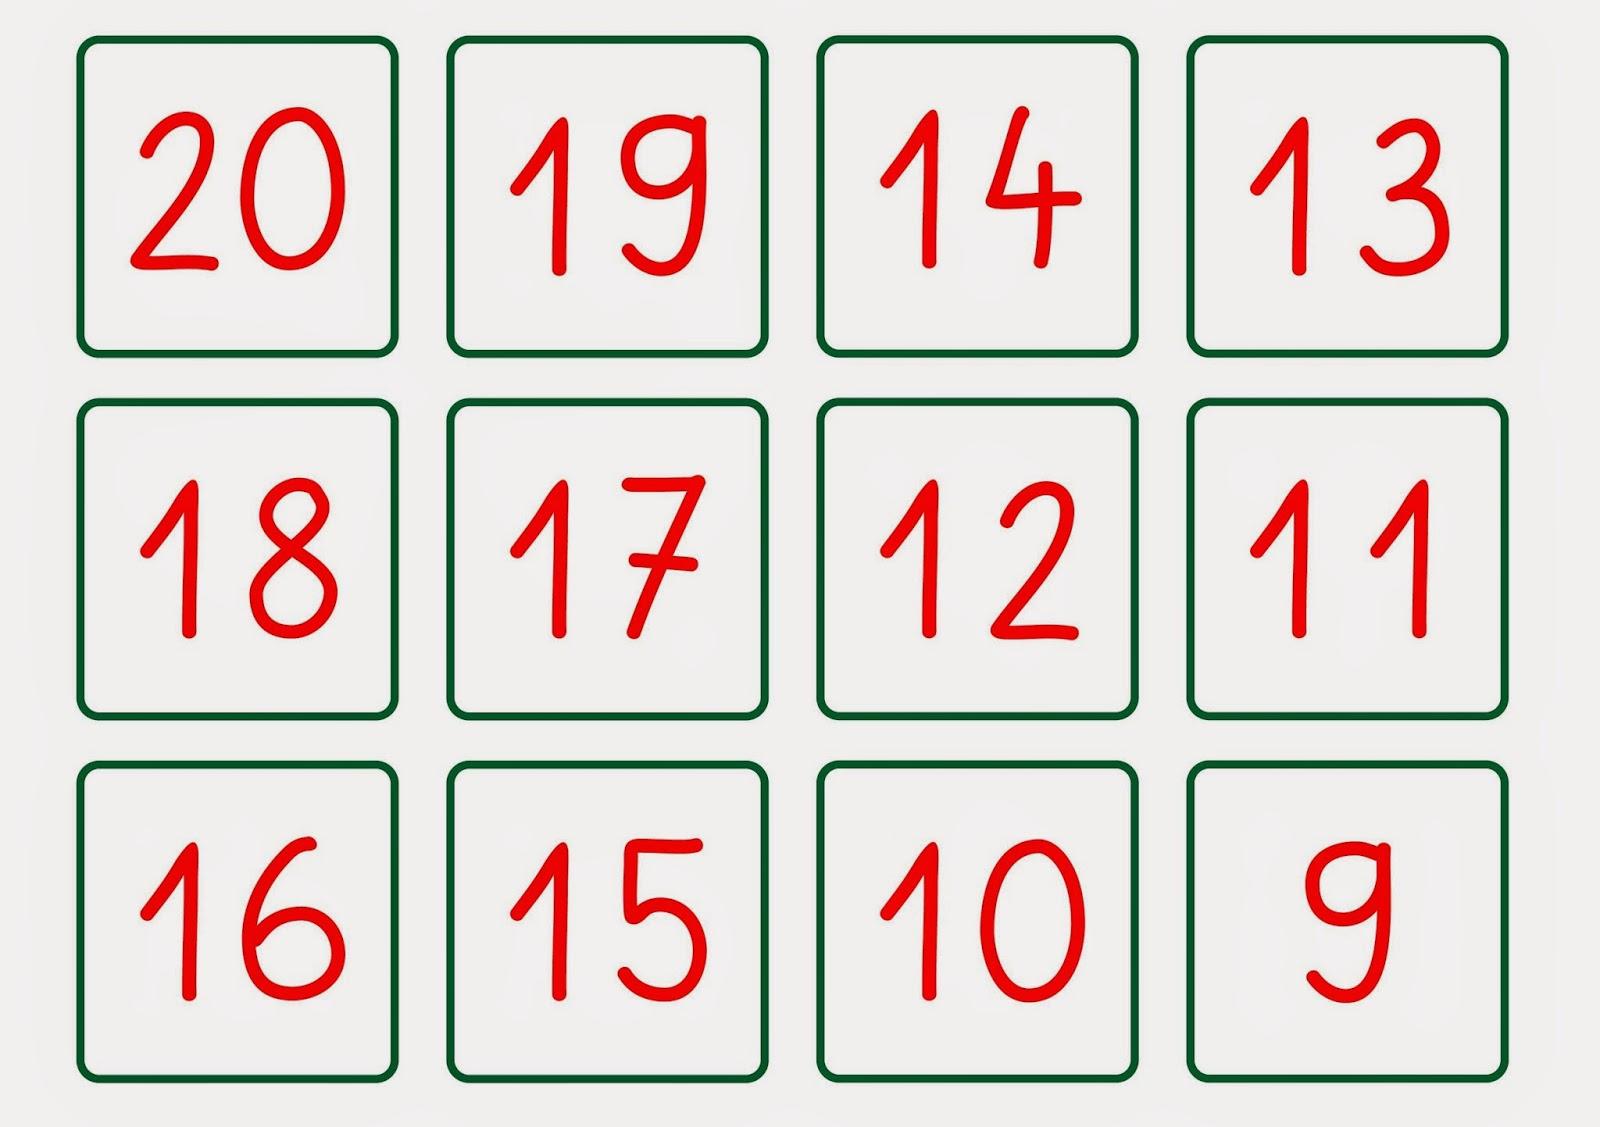 Lernstu00fcbchen: die Zahlen von 10 bis 20 noch einmal anders